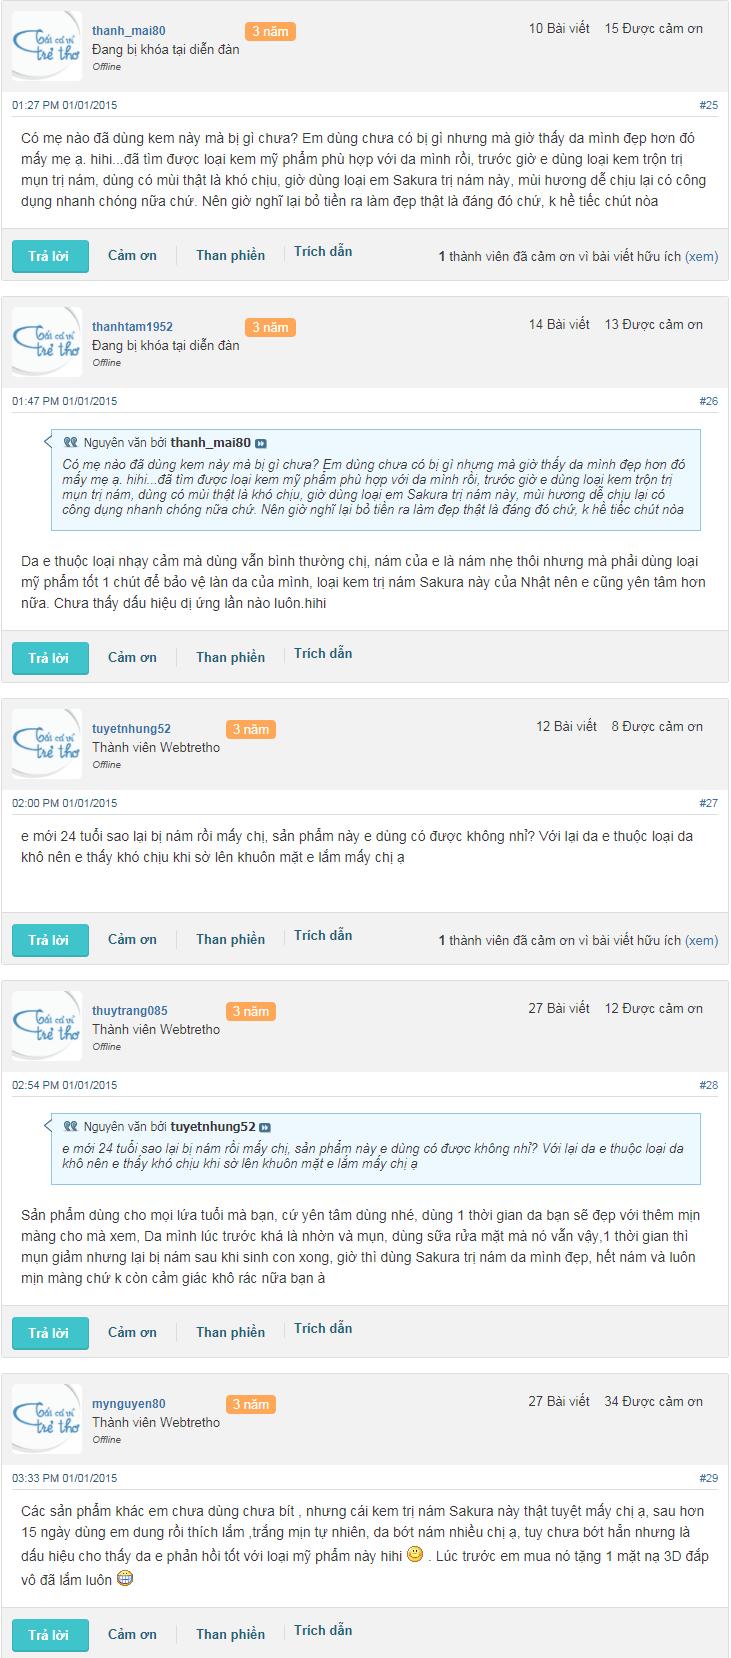 kem trị nám sakura reviews webtretho